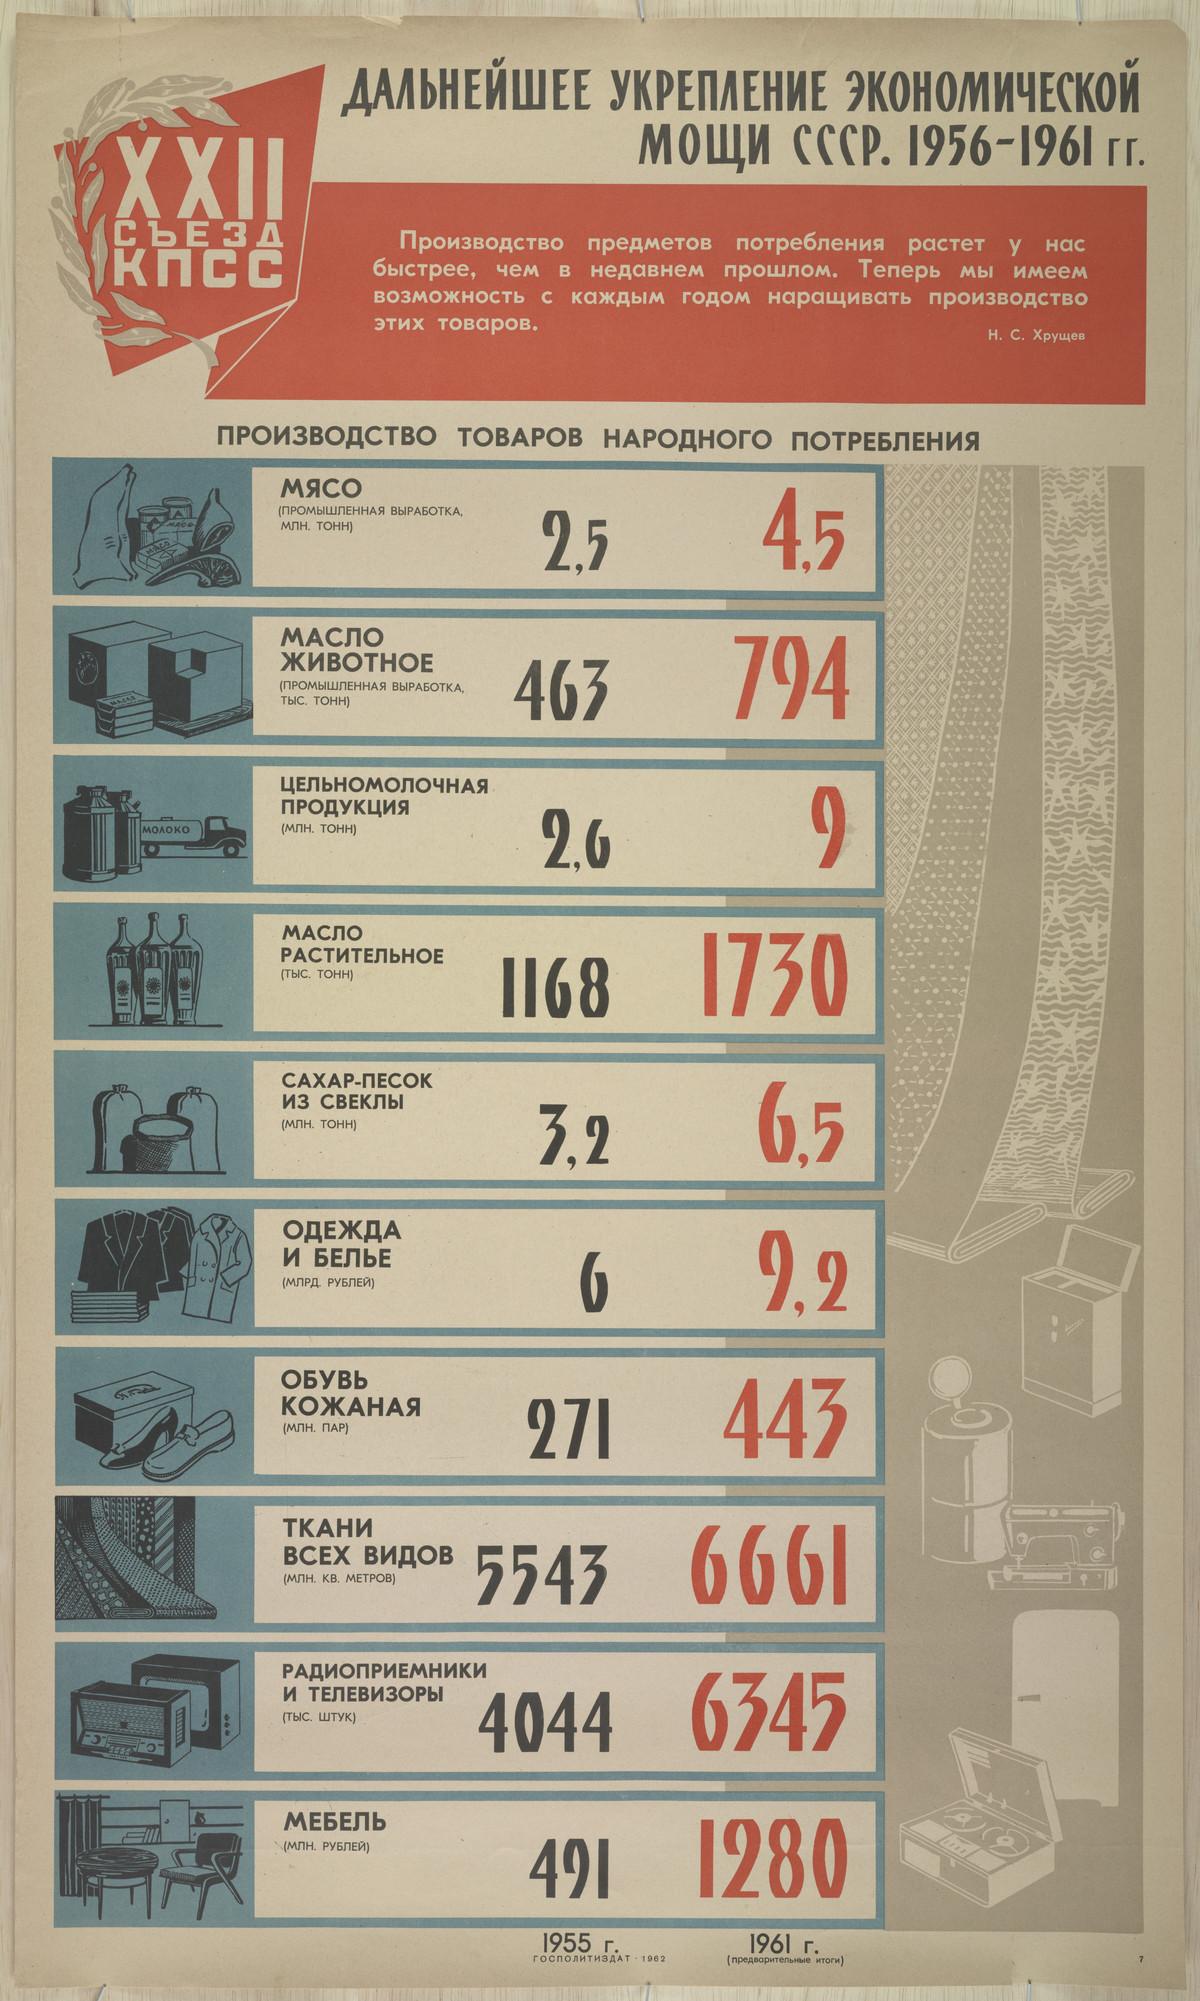 sovetskie-kommunisticheskie-plakaty_41